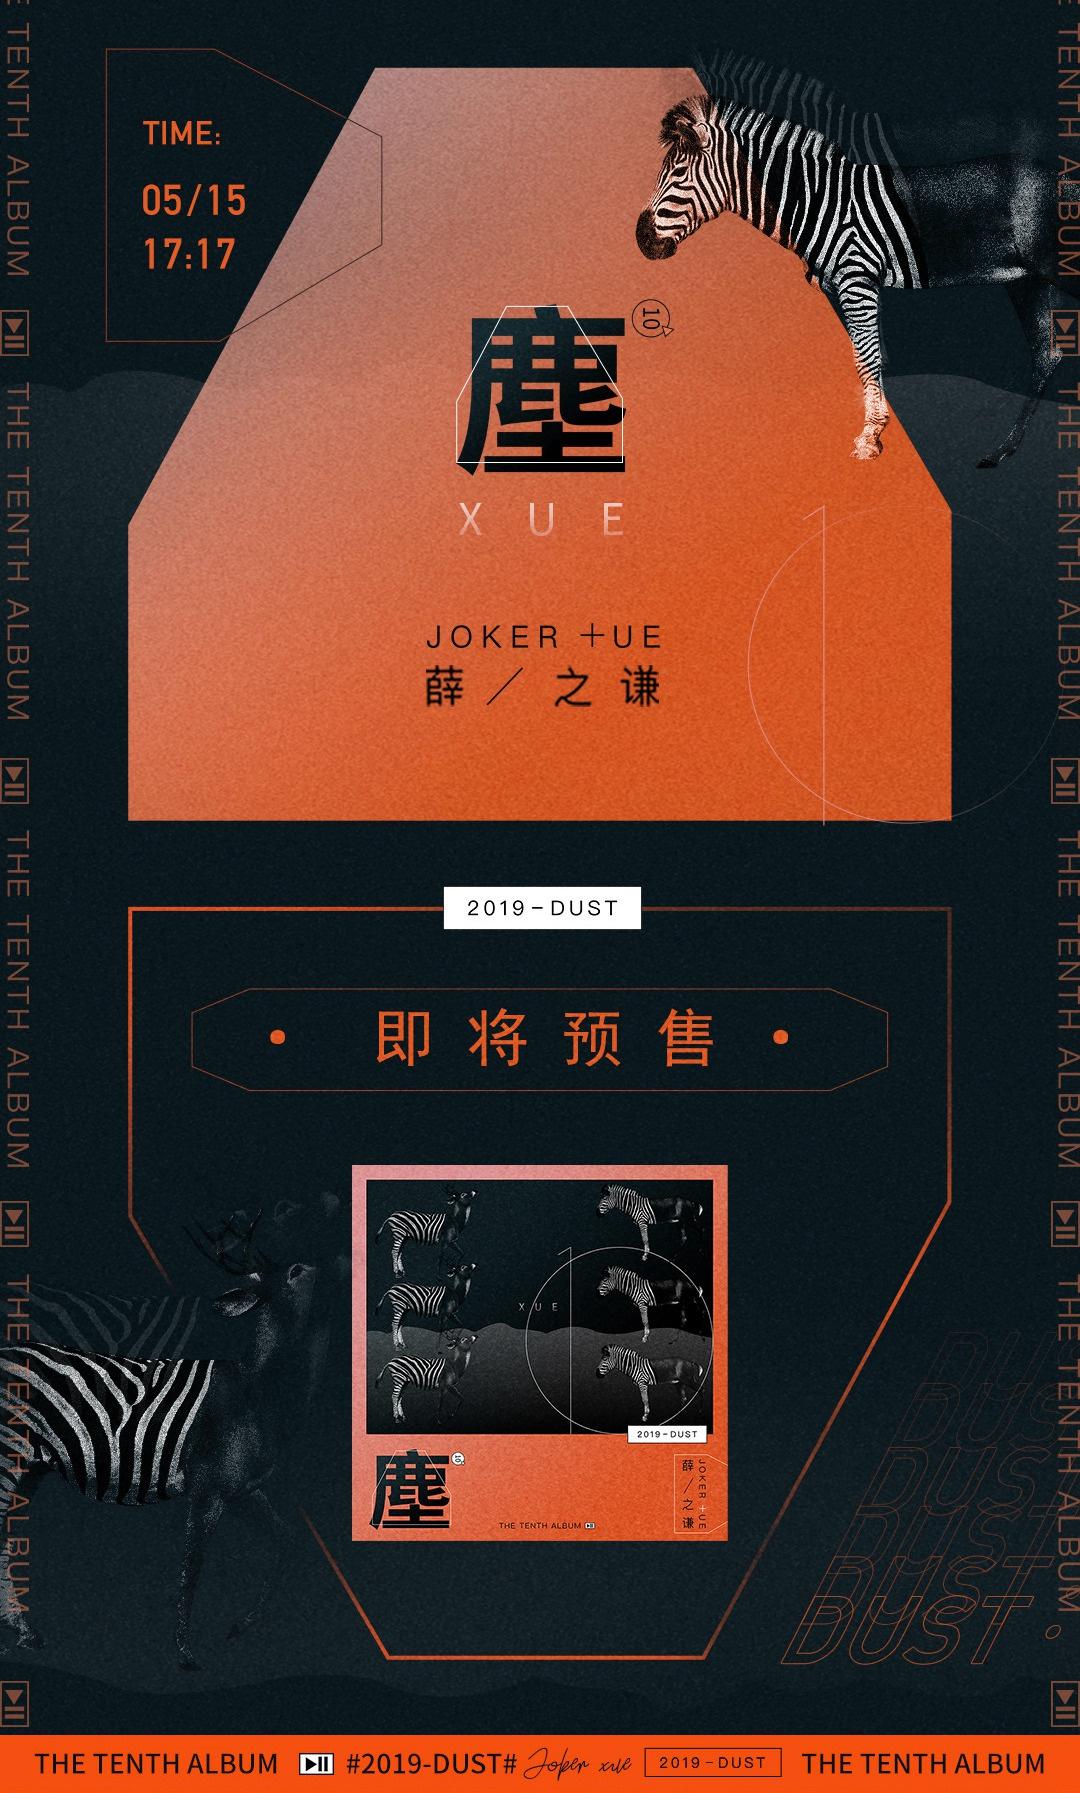 薛之谦第十张实体专辑《尘》即将开启预售 传递音乐的故事感